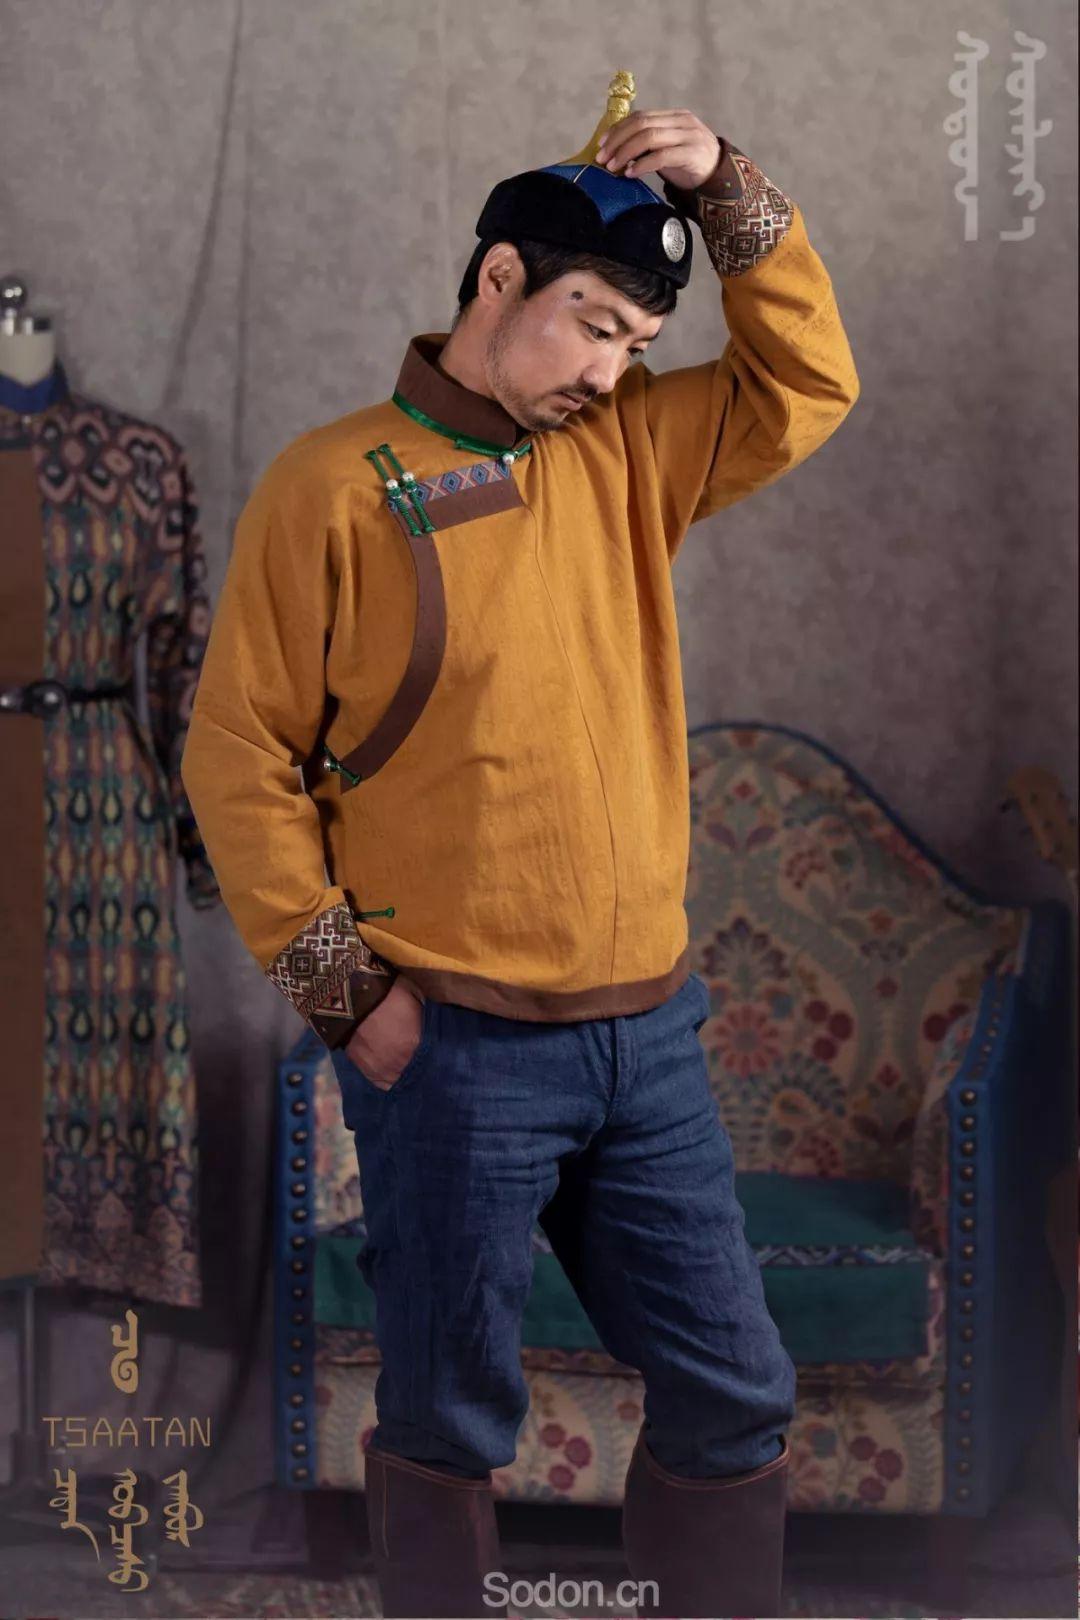 TSAATAN蒙古时装 2019新款,来自驯鹿人的独特魅力! 第46张 TSAATAN蒙古时装 2019新款,来自驯鹿人的独特魅力! 蒙古服饰